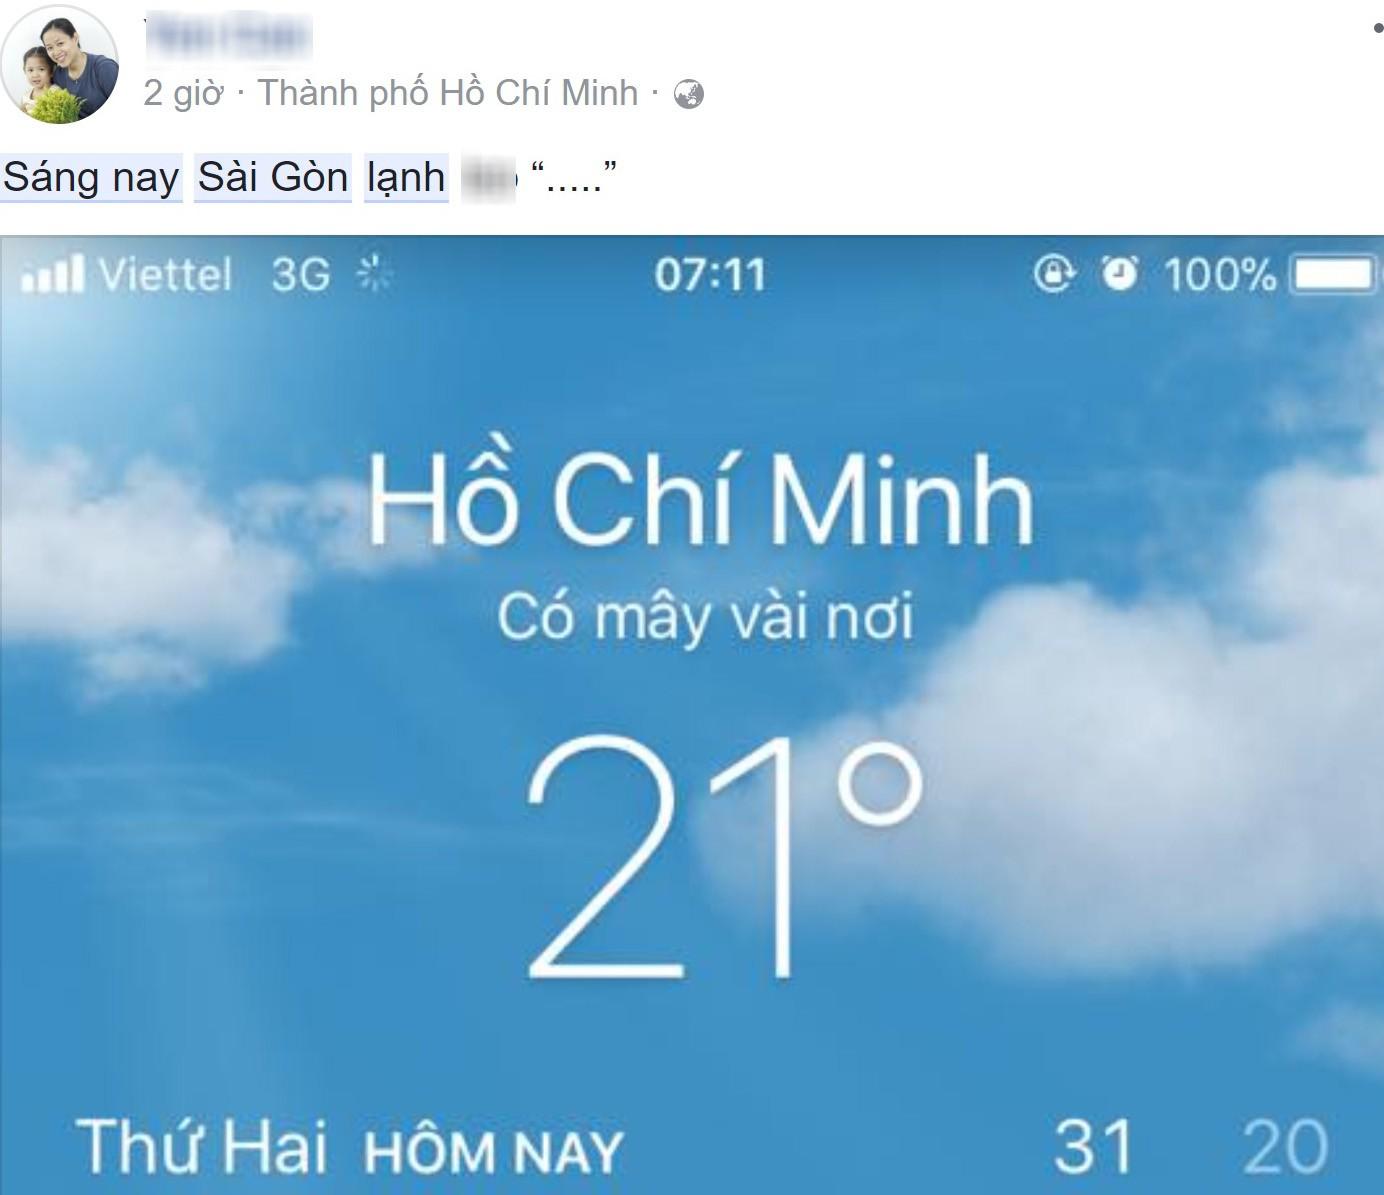 Sáng ngày ra, Facebook rồi Instagram tràn ngập status khoe Sài Gòn trở lạnh! - Ảnh 8.